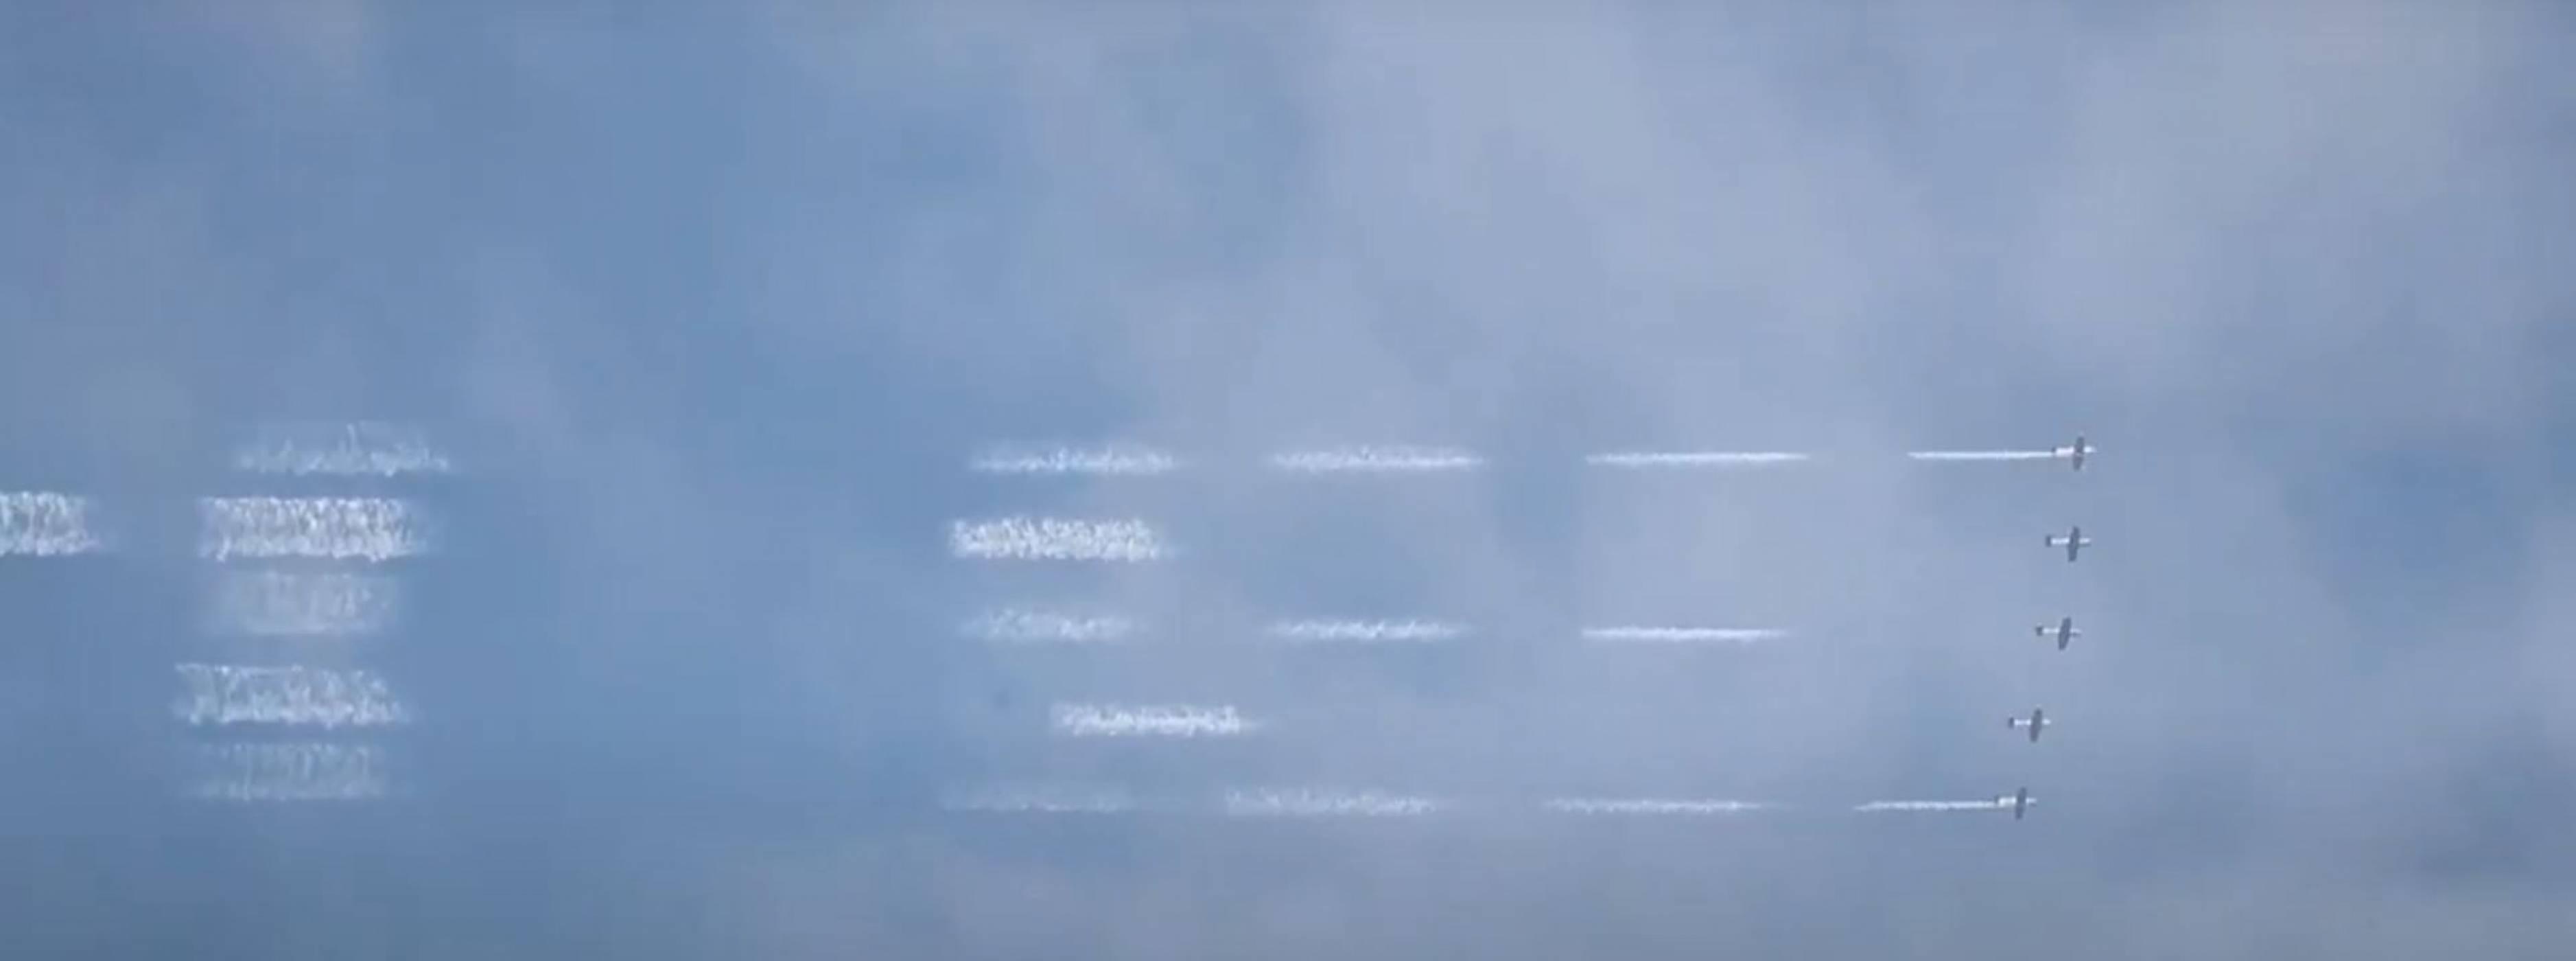 Въздушни думи – как се оставя послание, написано в небето?